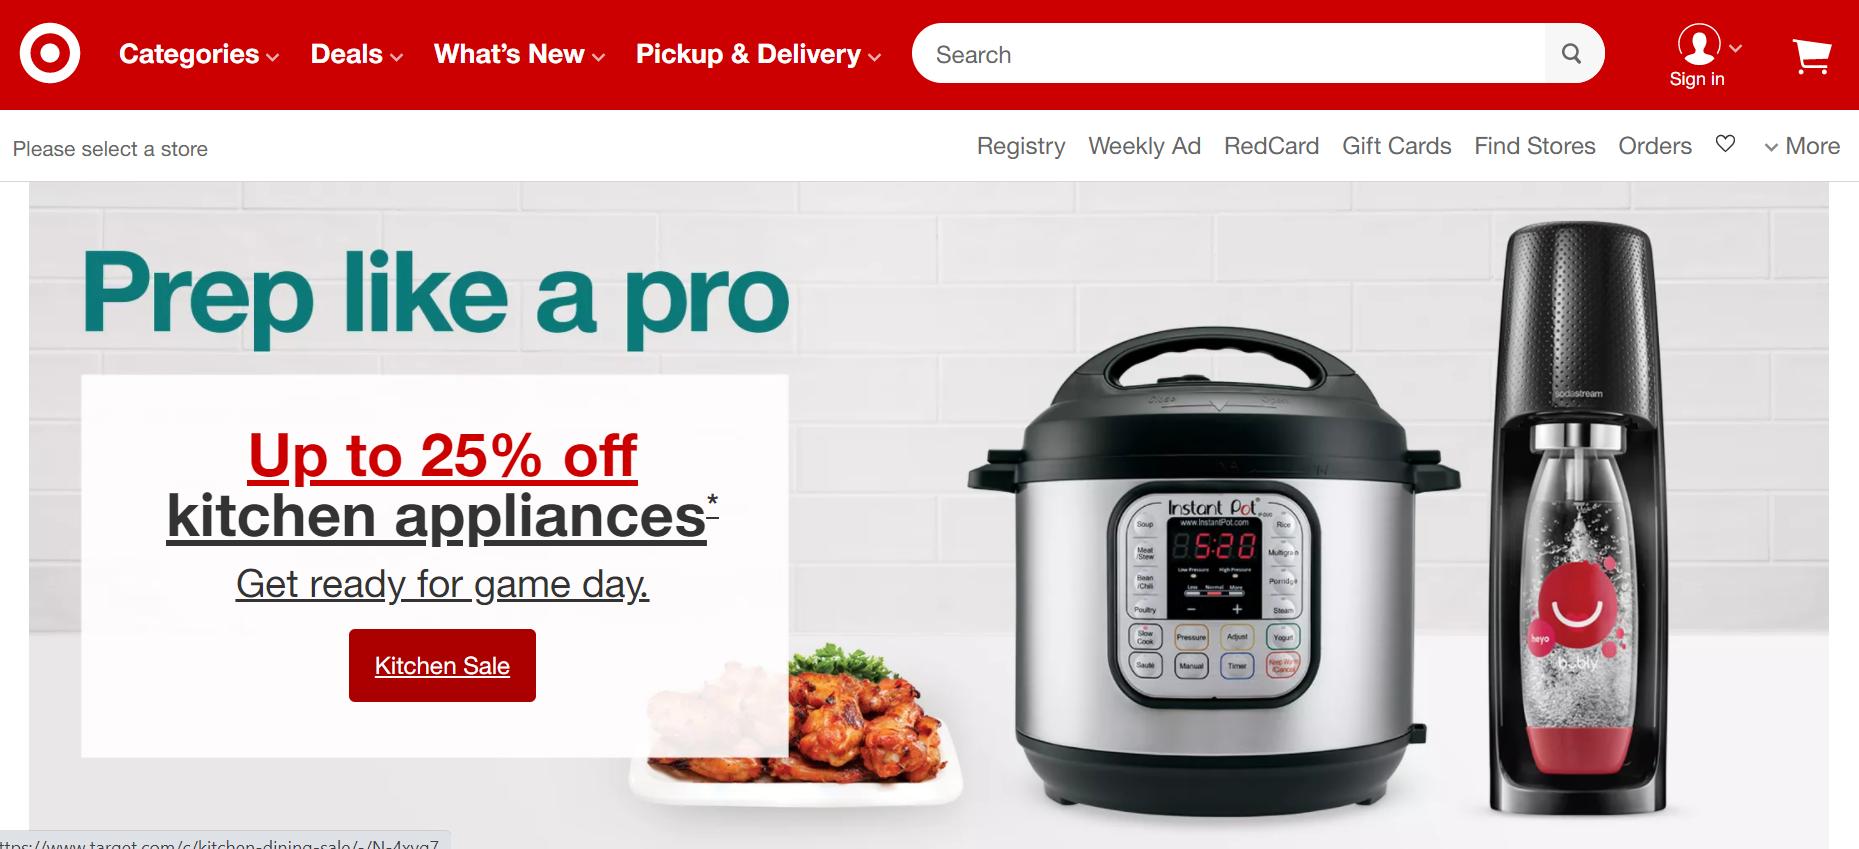 Target eCommerce branding website example